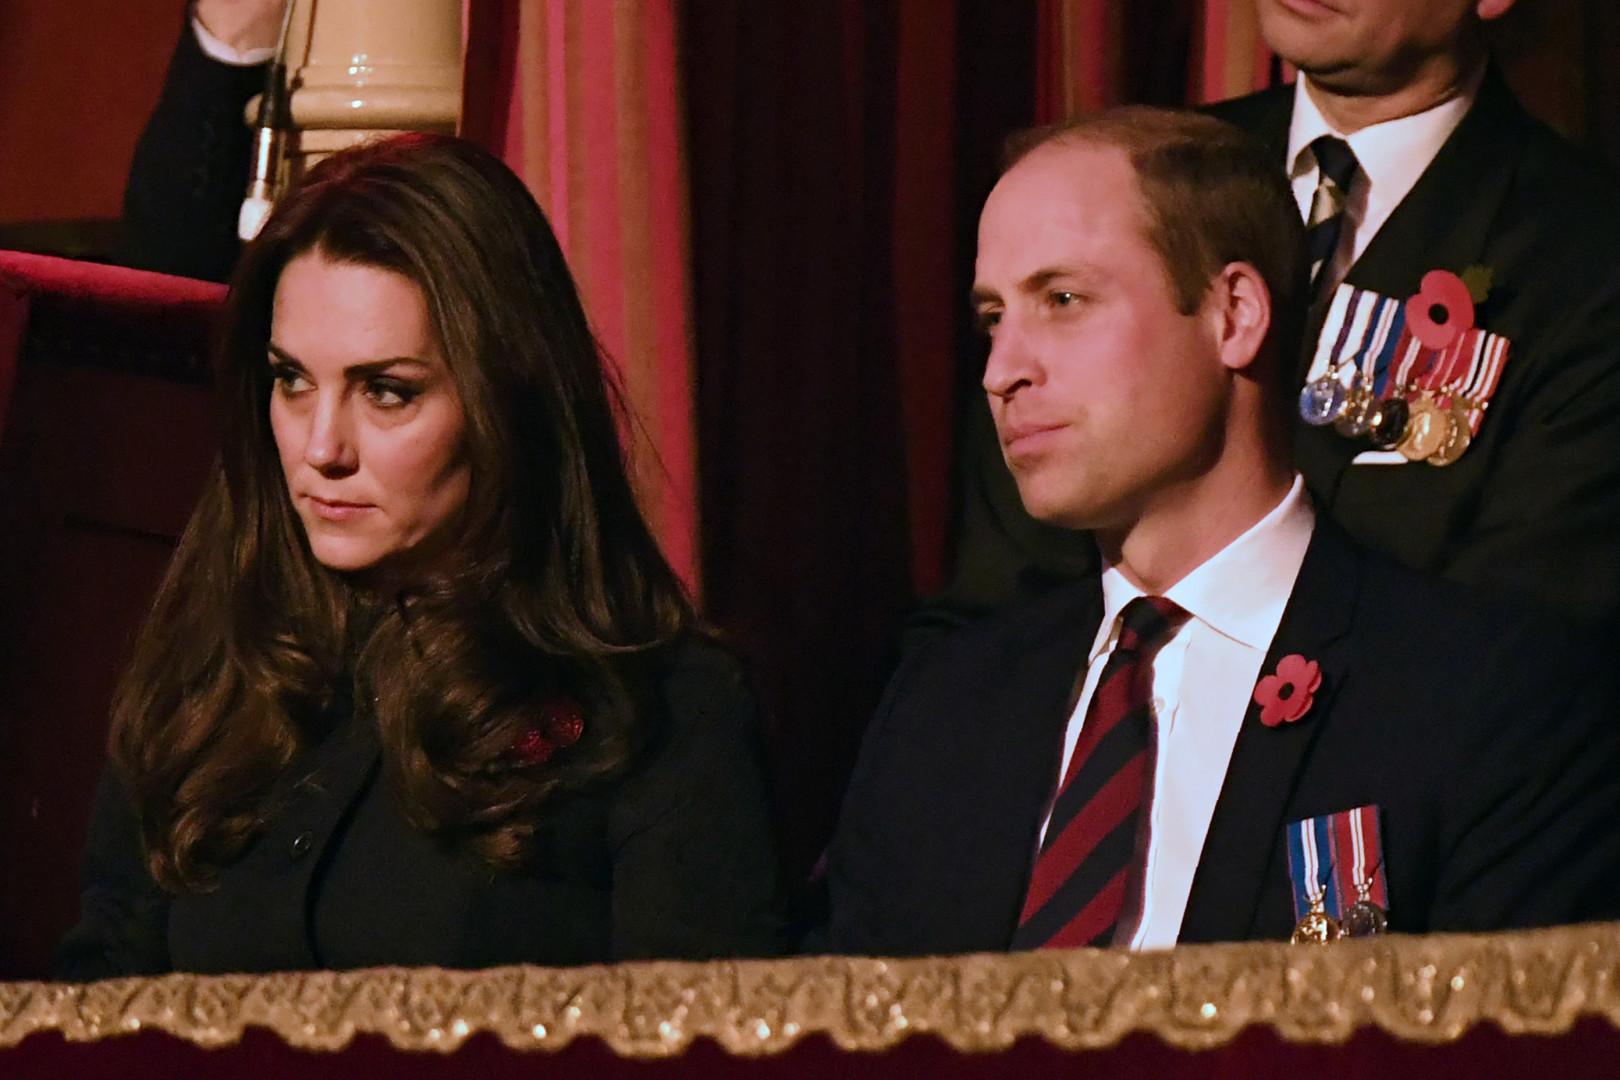 La veille, la duchesse avec son mari au Royal Albert Hall pour le festival royal du Remembrance